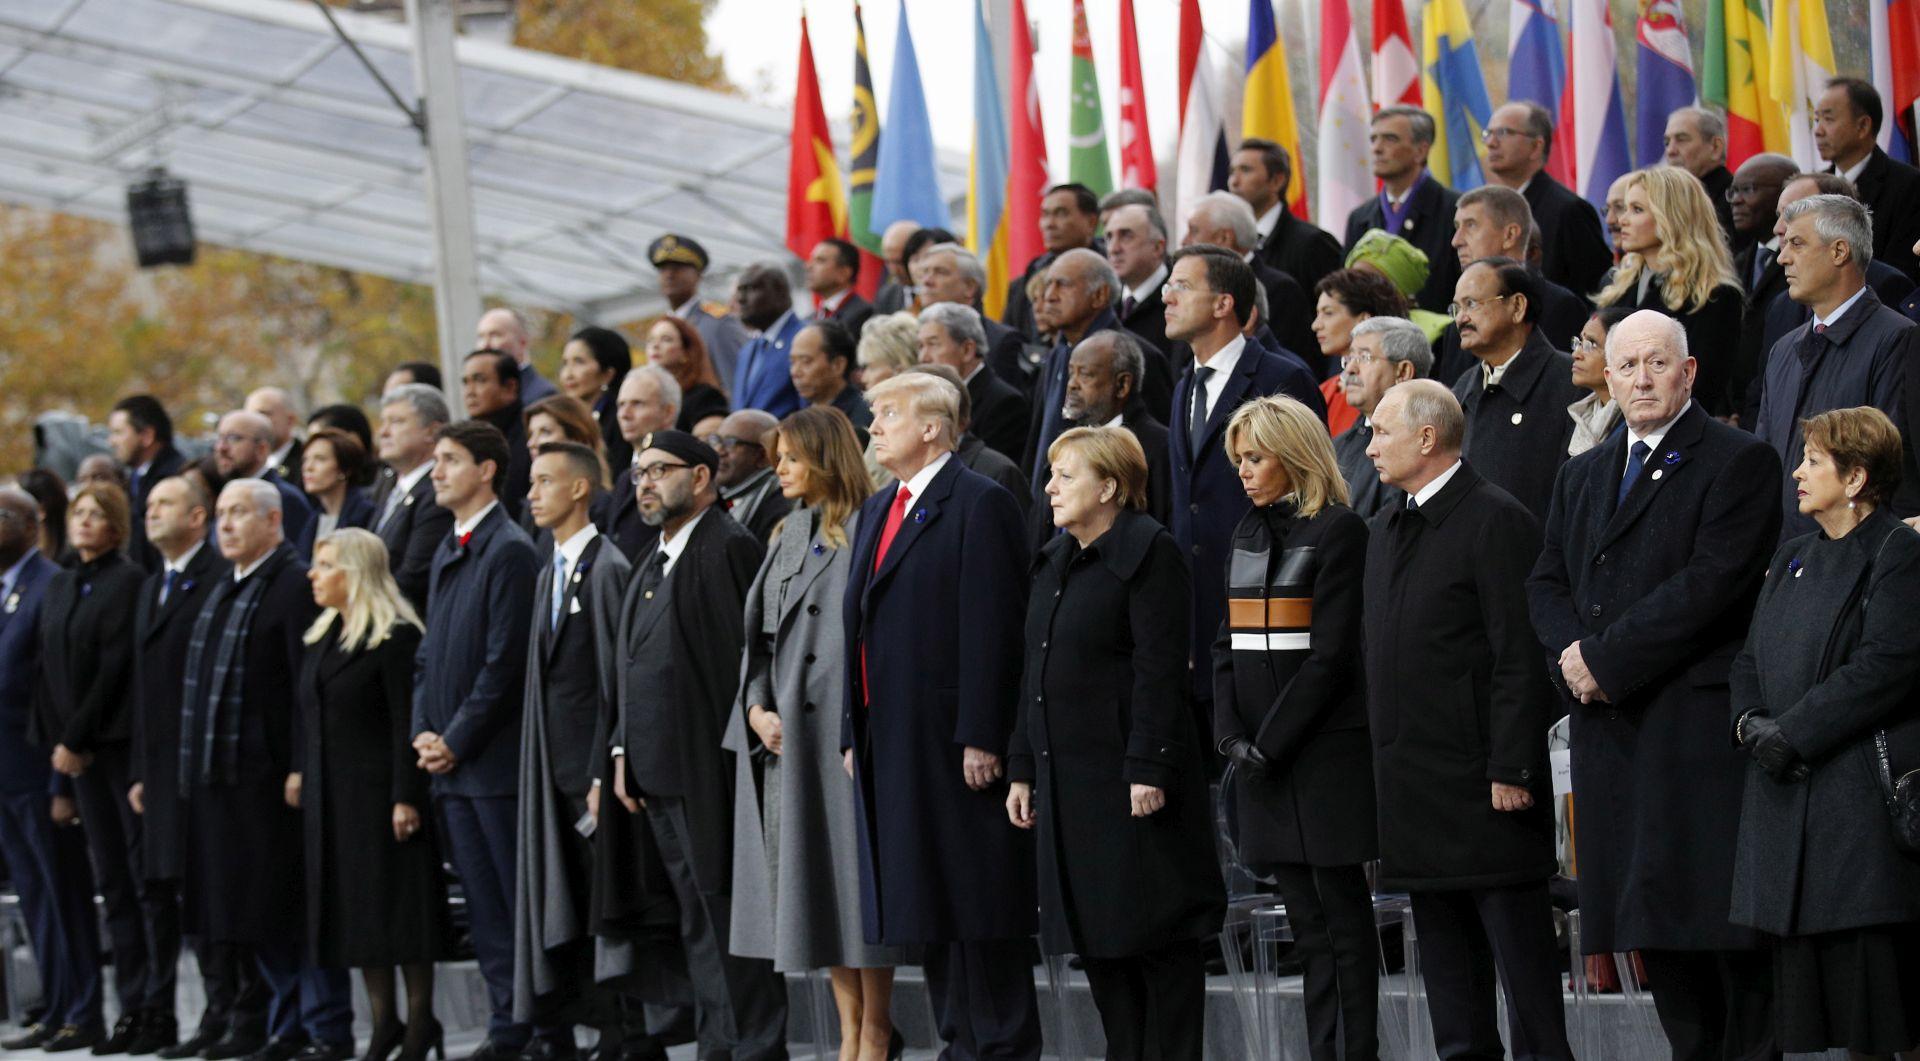 BEOGRADSKI TISAK Srbija i Vučić između razočarenja i poniženja u Parizu